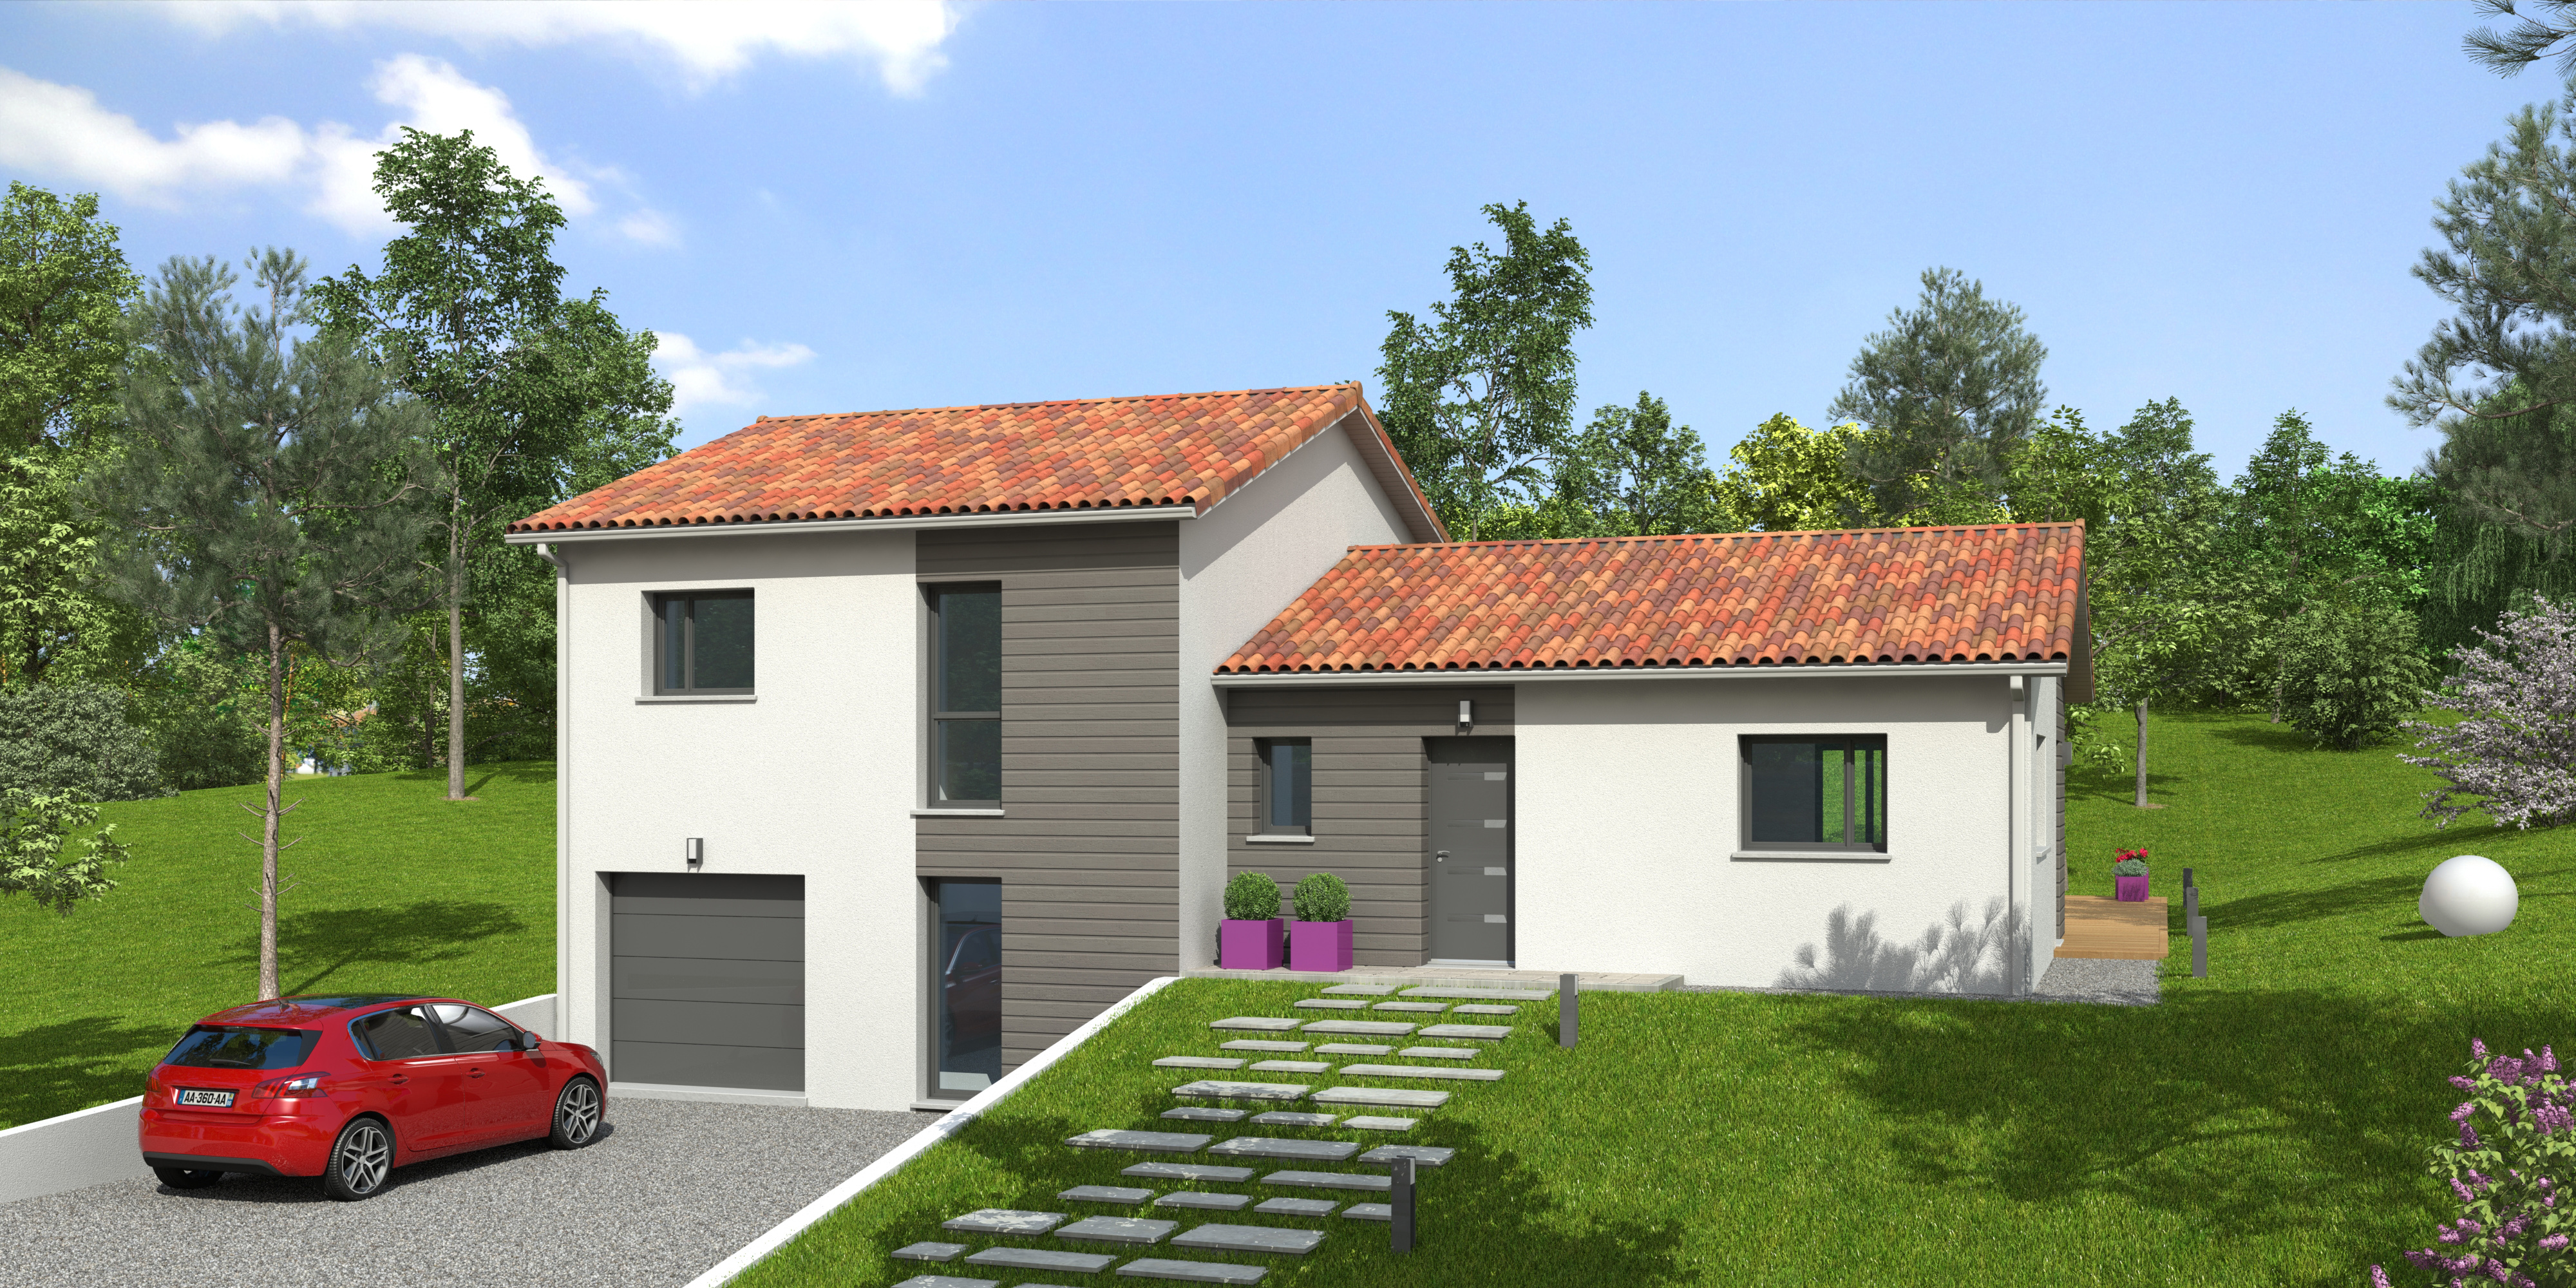 Maisons du constructeur NATILIA • 108 m² • MONSOLS